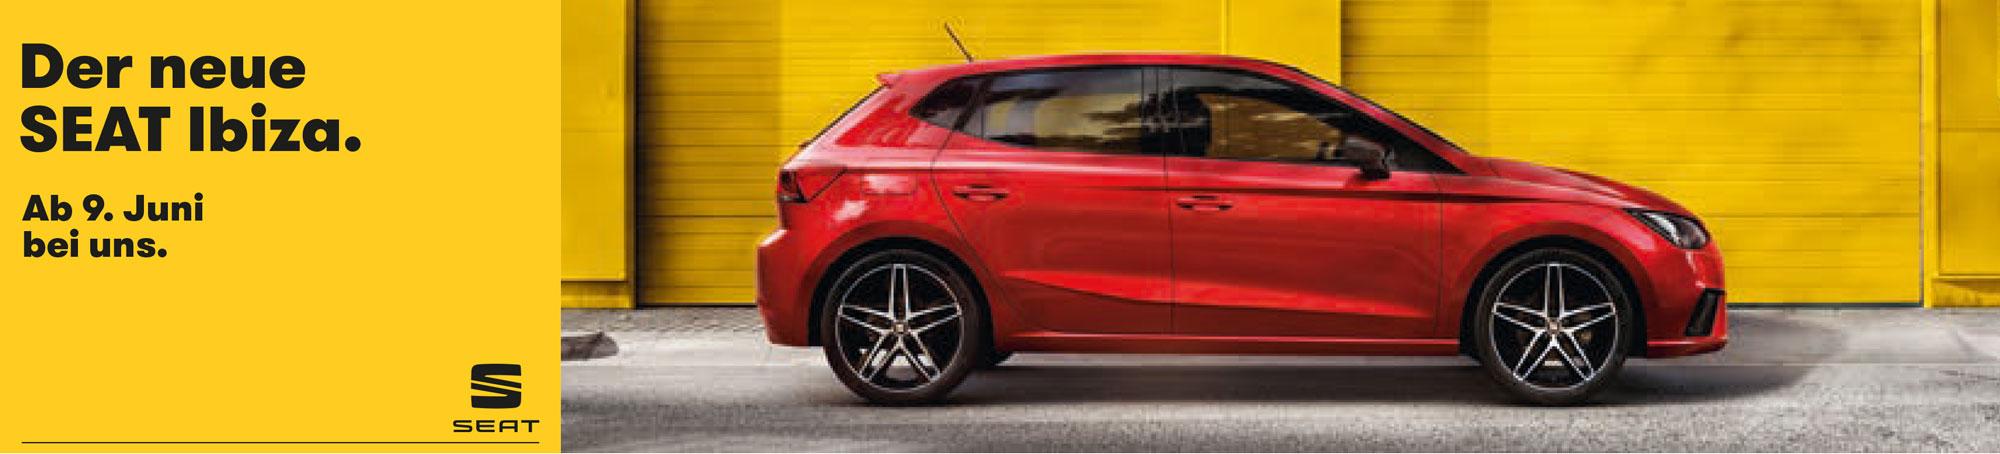 Sales_SEAT_Inserat_Ibiza_290x75_KW20-17_-_2614994_-_19.05.2017_PatrikSteiner